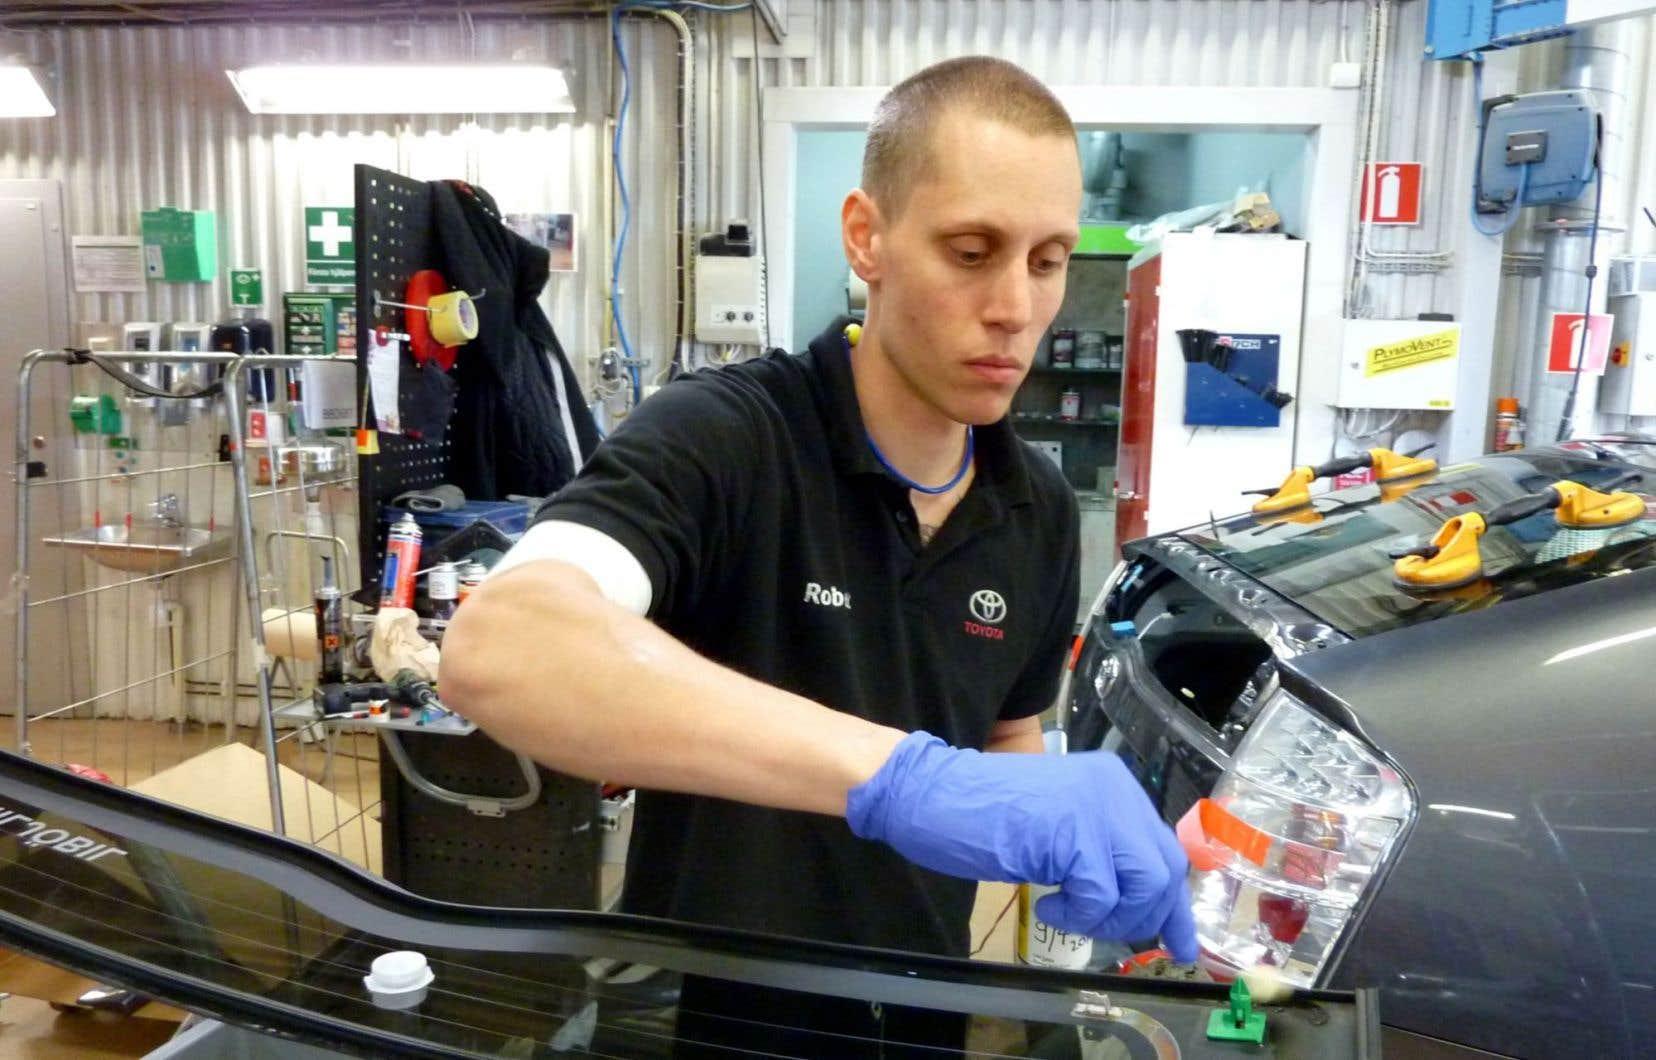 À Mölndal, le constructeur automobile Toyota a réduit la semaine de travail de ses employés, ce qui l'a rendu plus attrayant pour les travailleurs qualifiés et lui a permis de grossir son carnet de commandes tout en gagnant en efficacité.